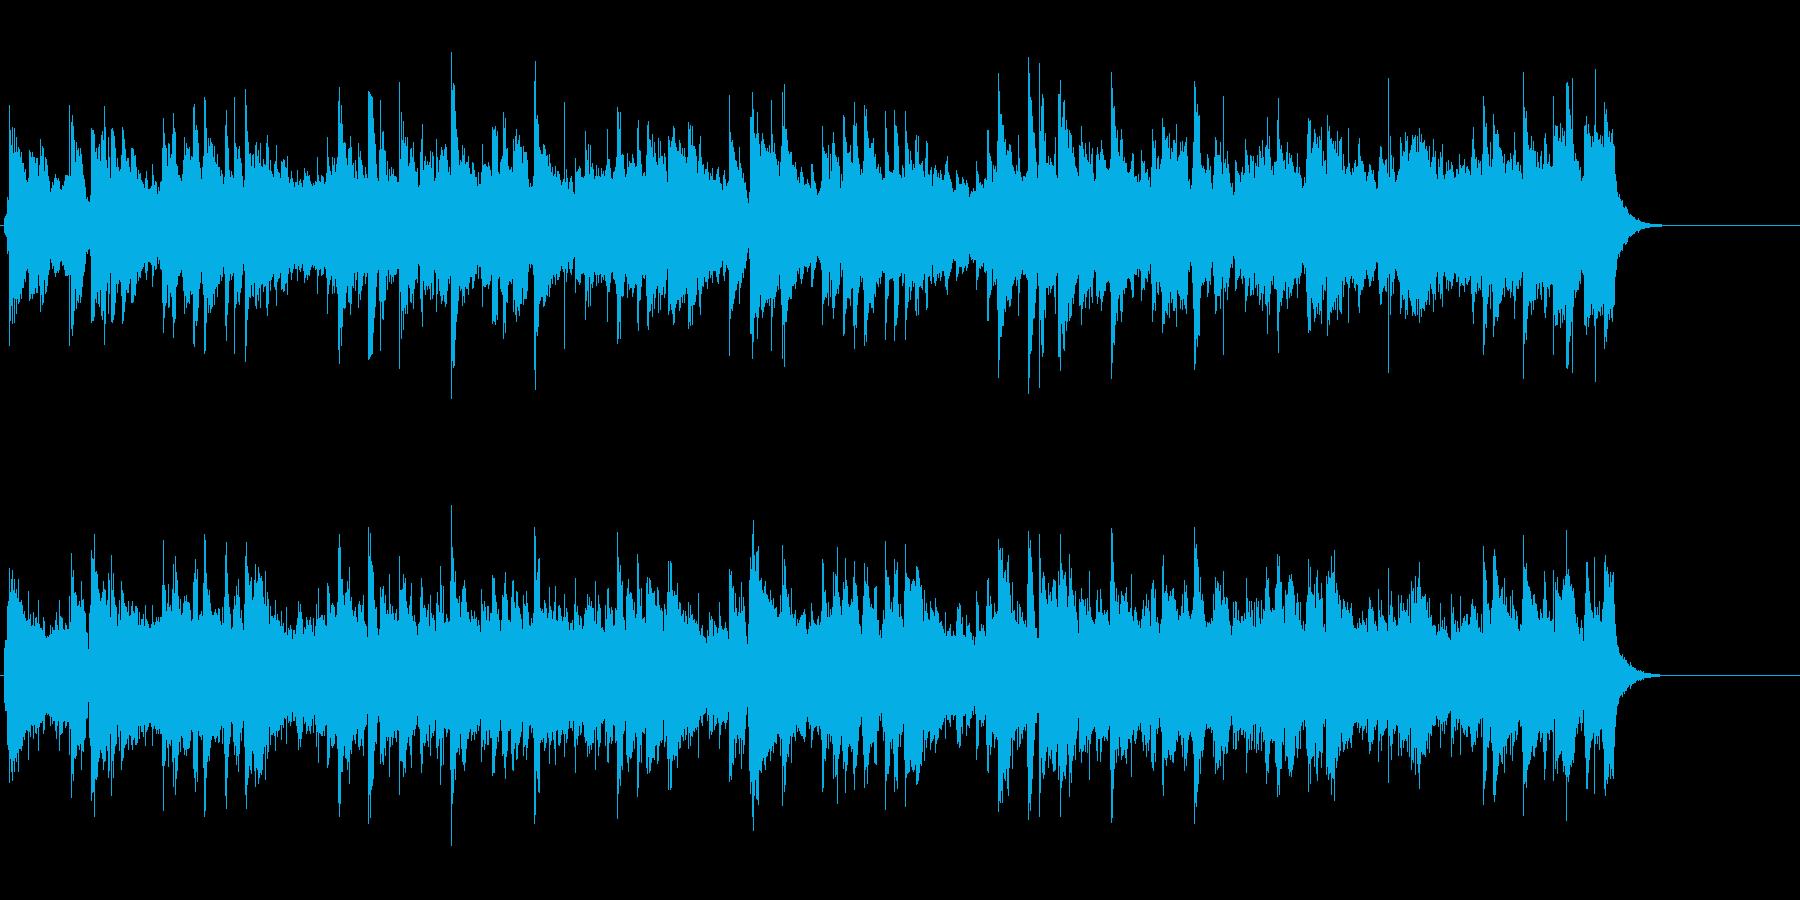 ギター・ポップ・バラード(ラブソング風)の再生済みの波形